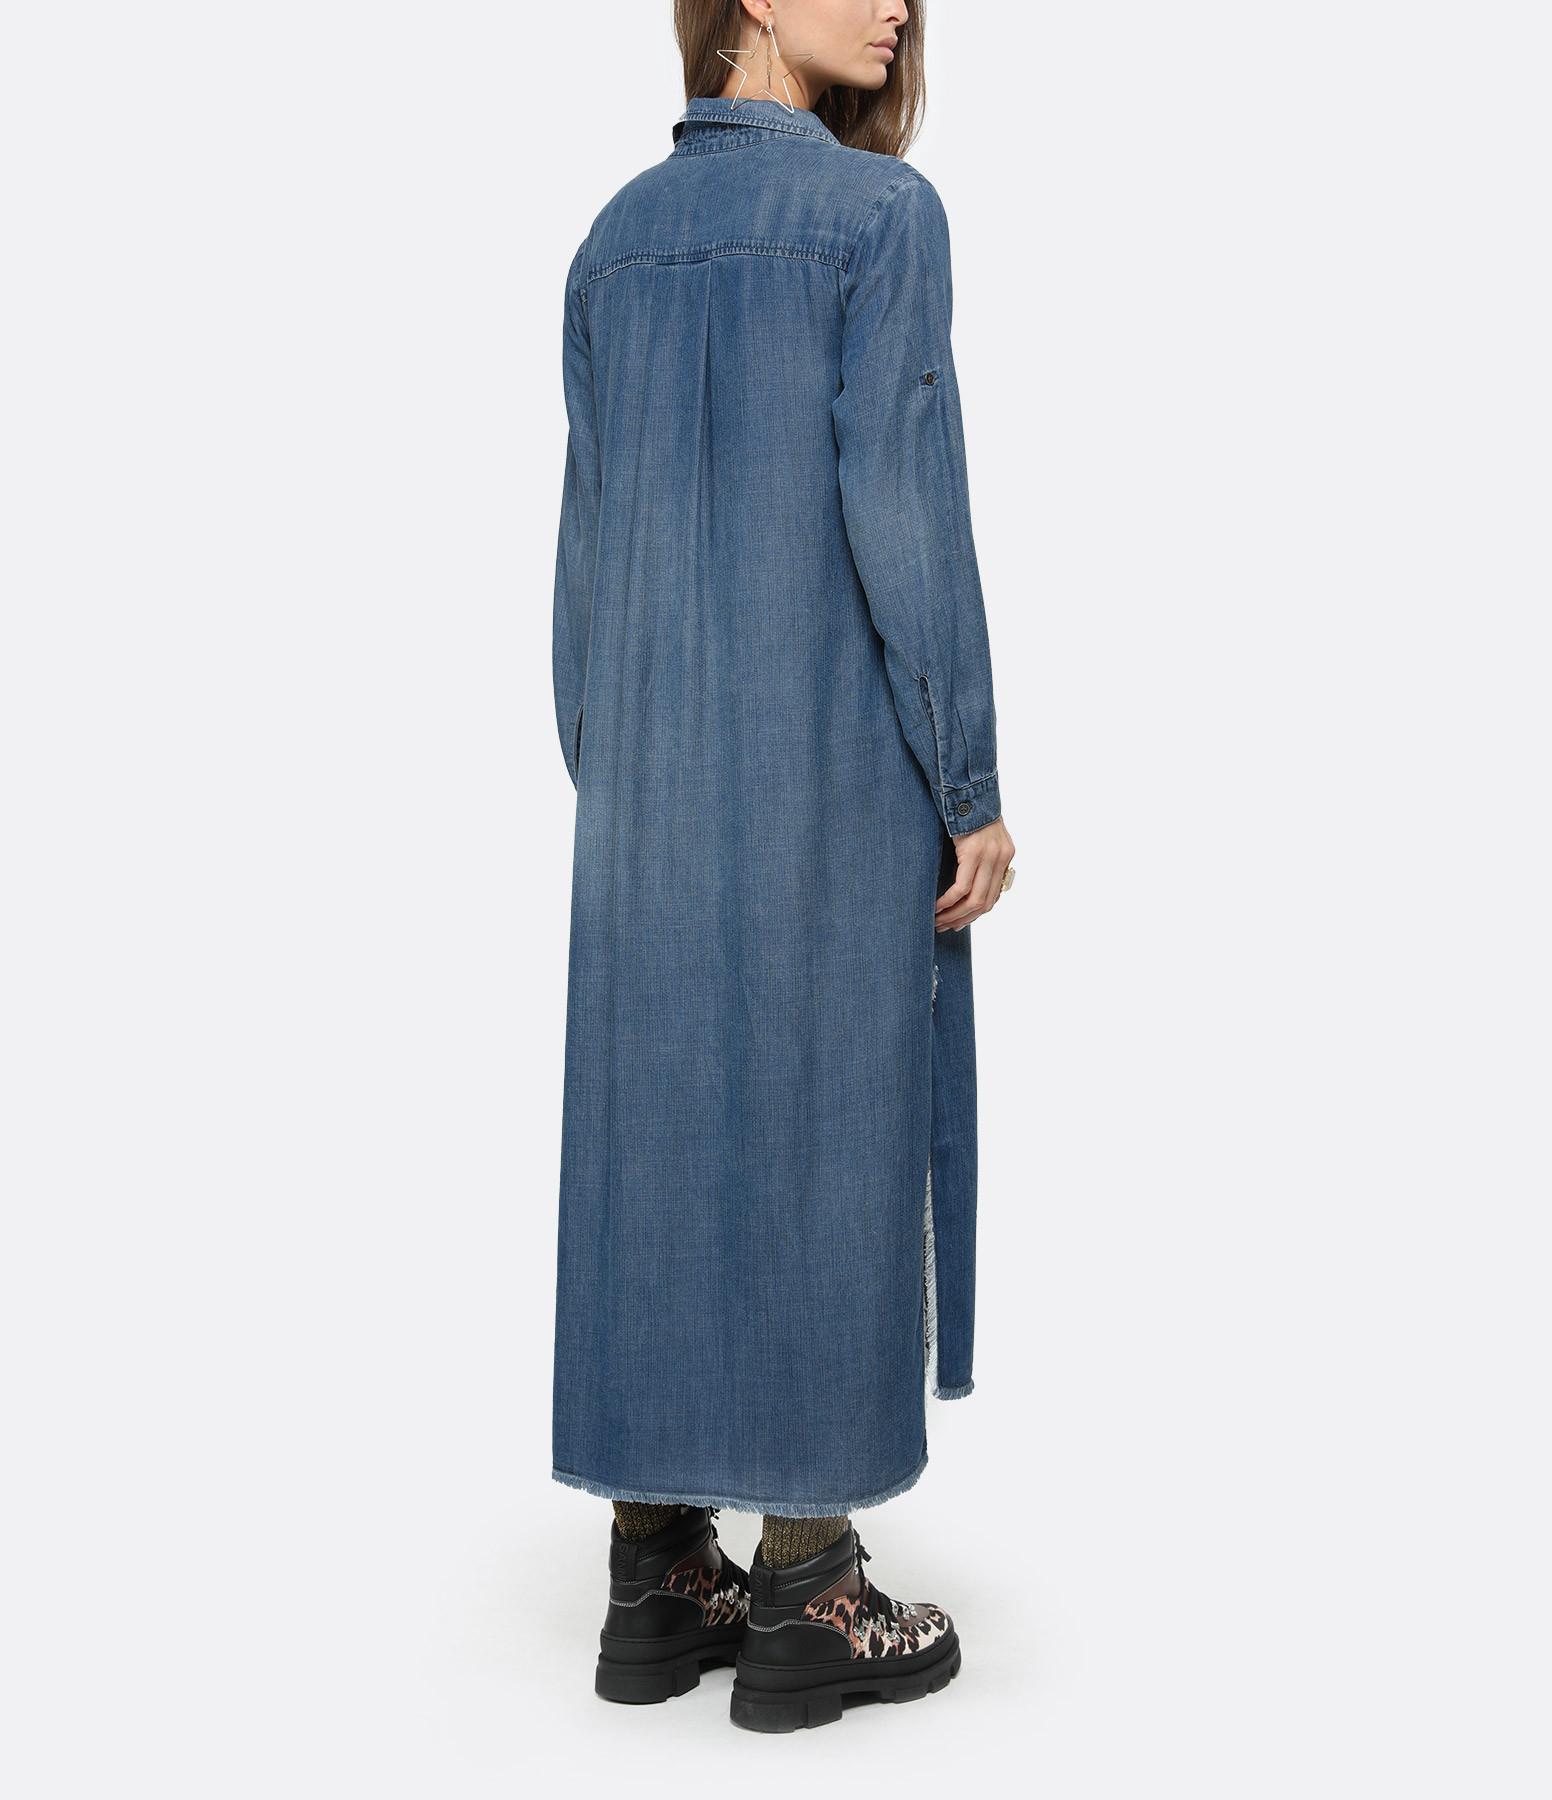 BELLA DAHL - Robe Duster Evening Mist Bleu